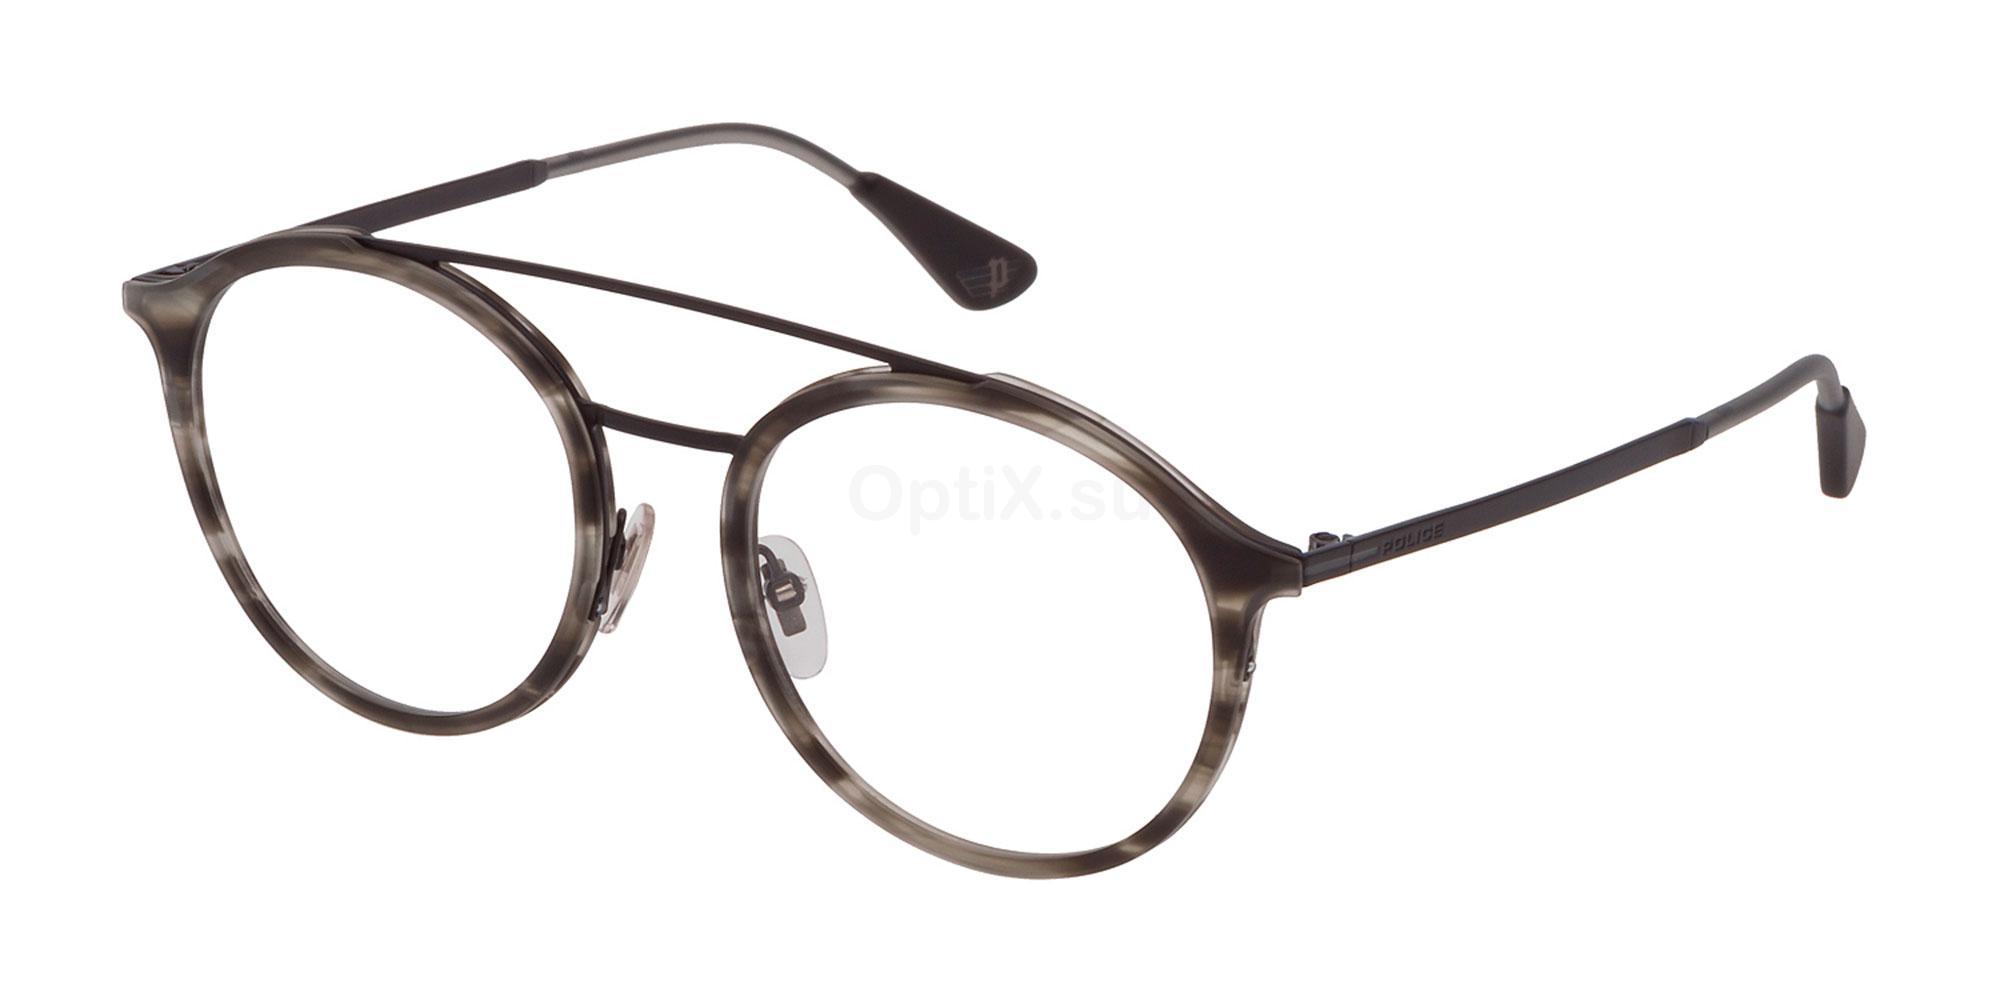 4ATM VPL688 Glasses, Police